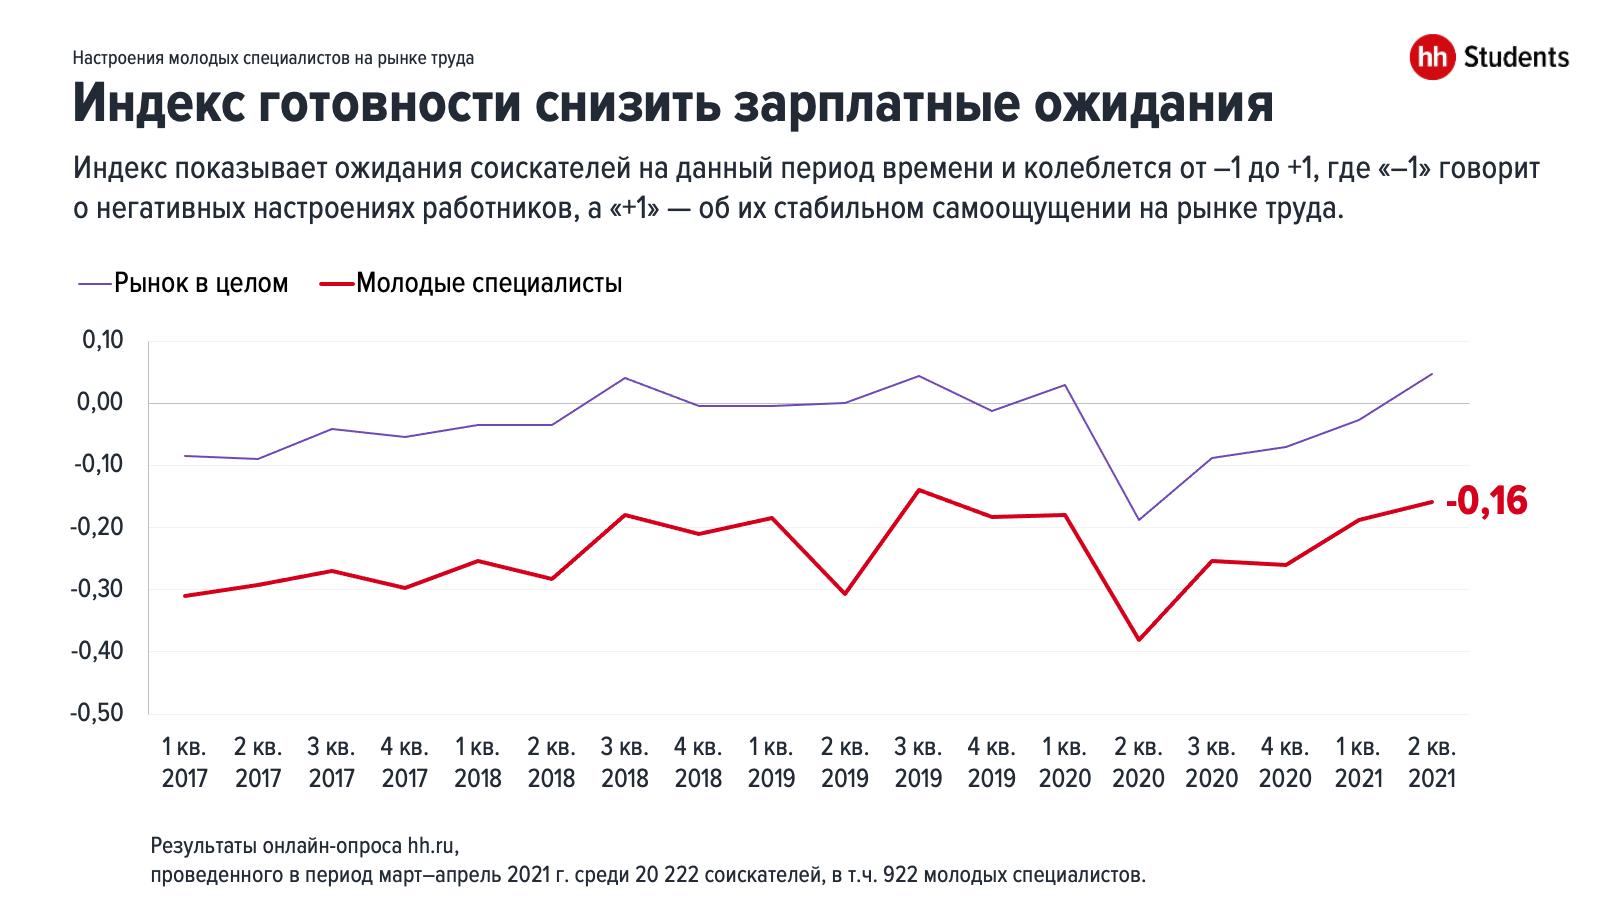 Настроения молодых специалистов на рынке труда в 1 половине 2021 года